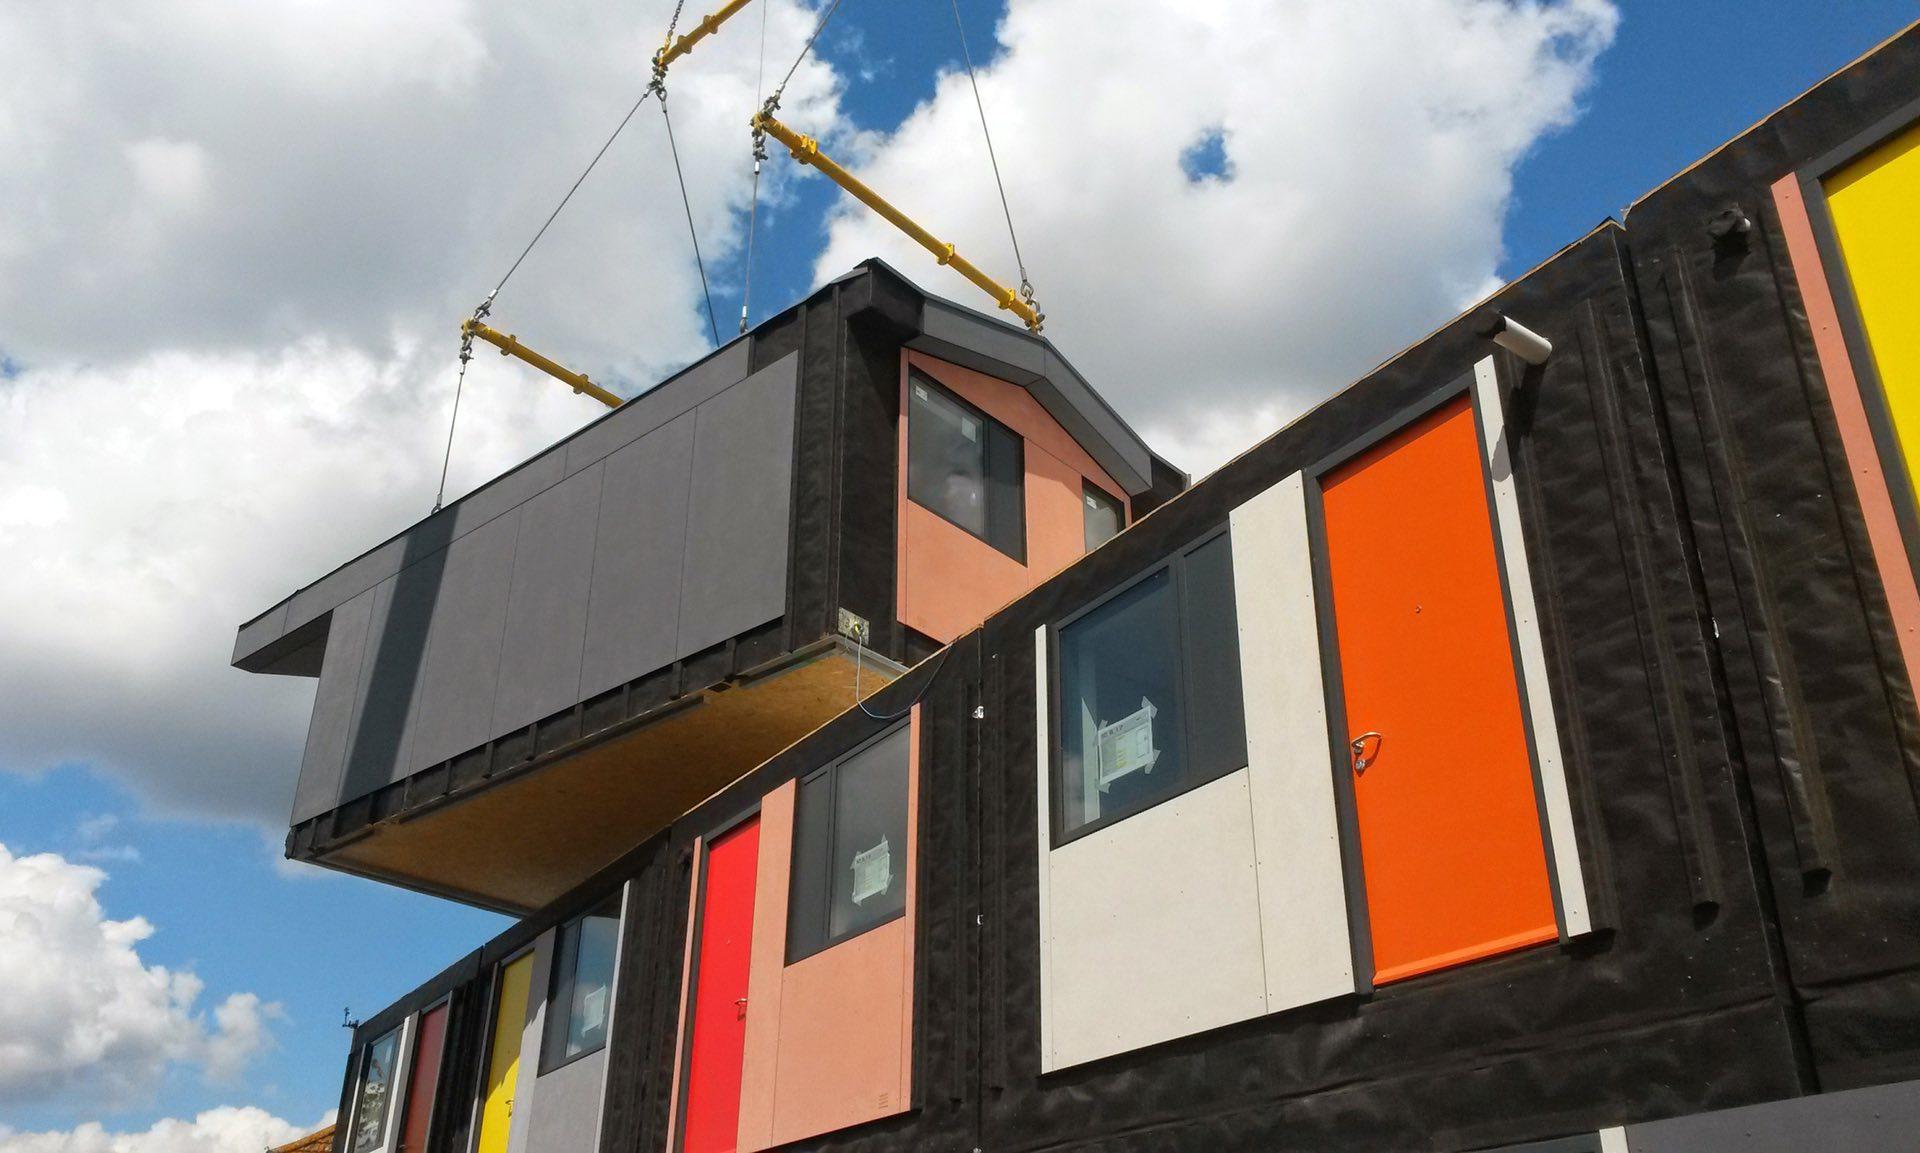 Os apartamentos empilháveis e coloridos feitos para ajudar desabrigados 1